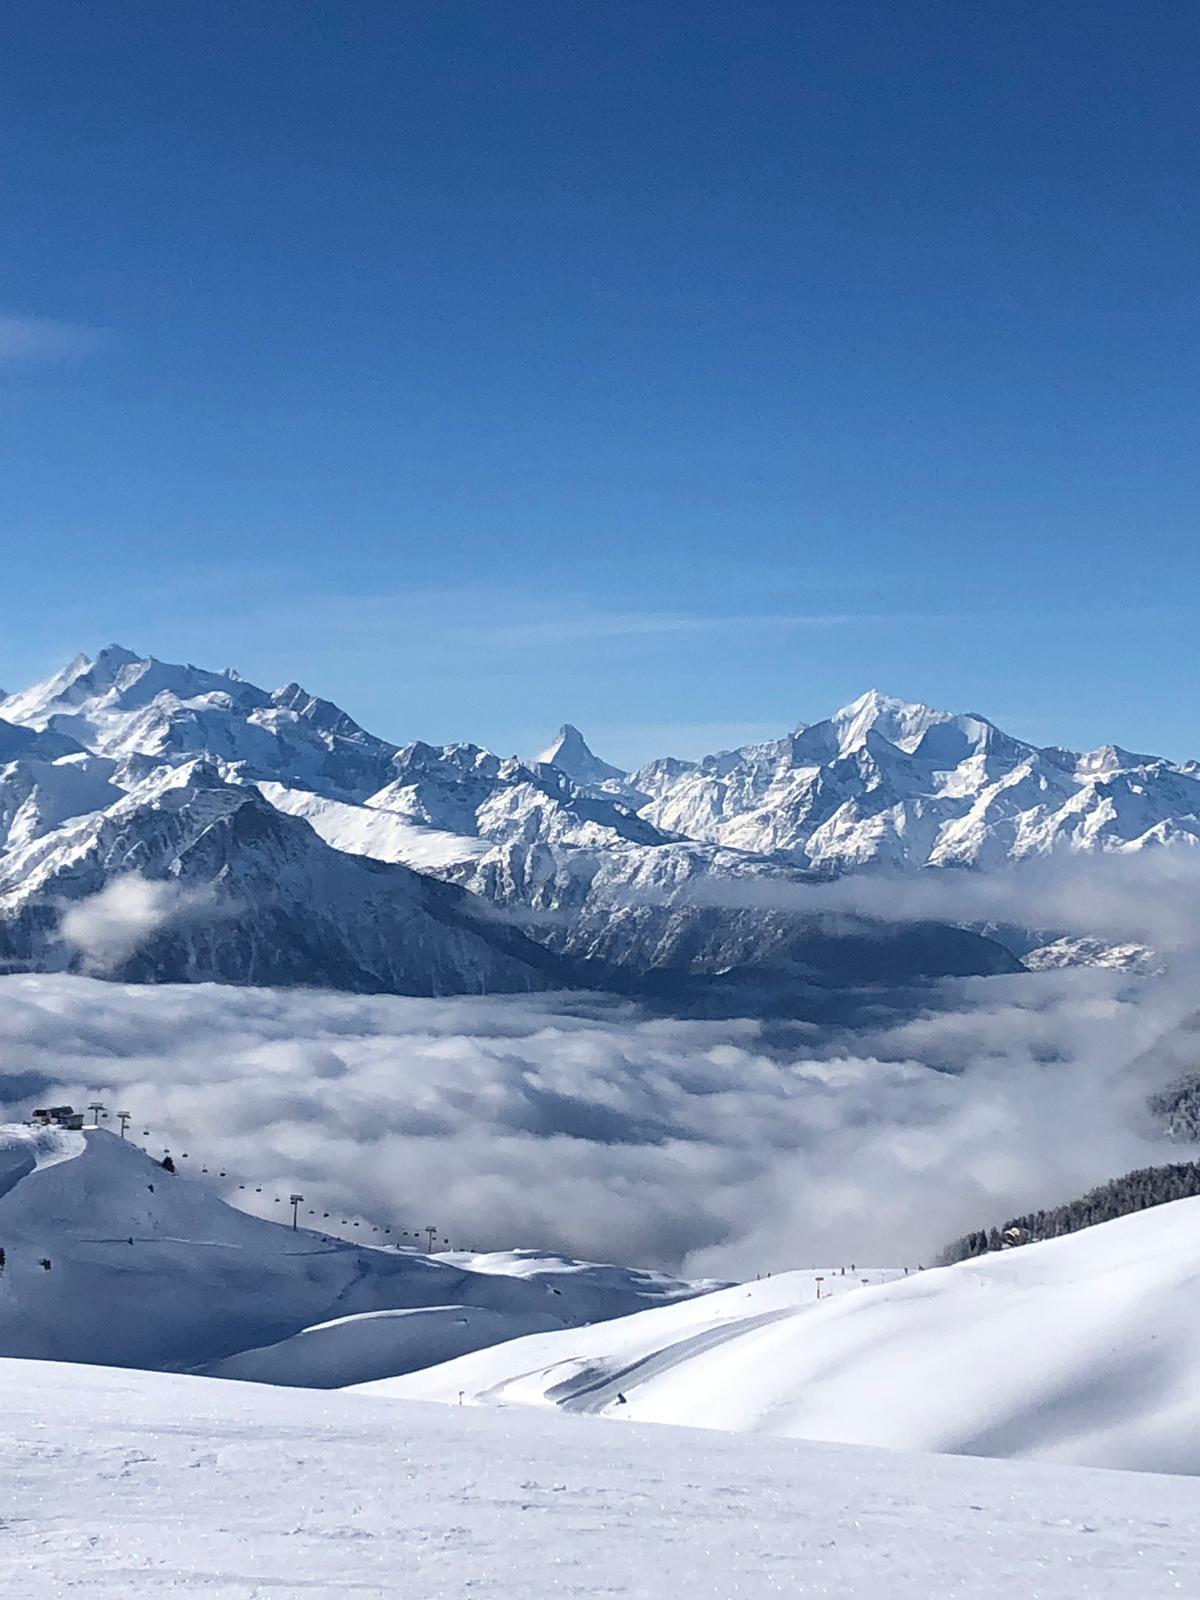 Aletscharena / Matterhorn